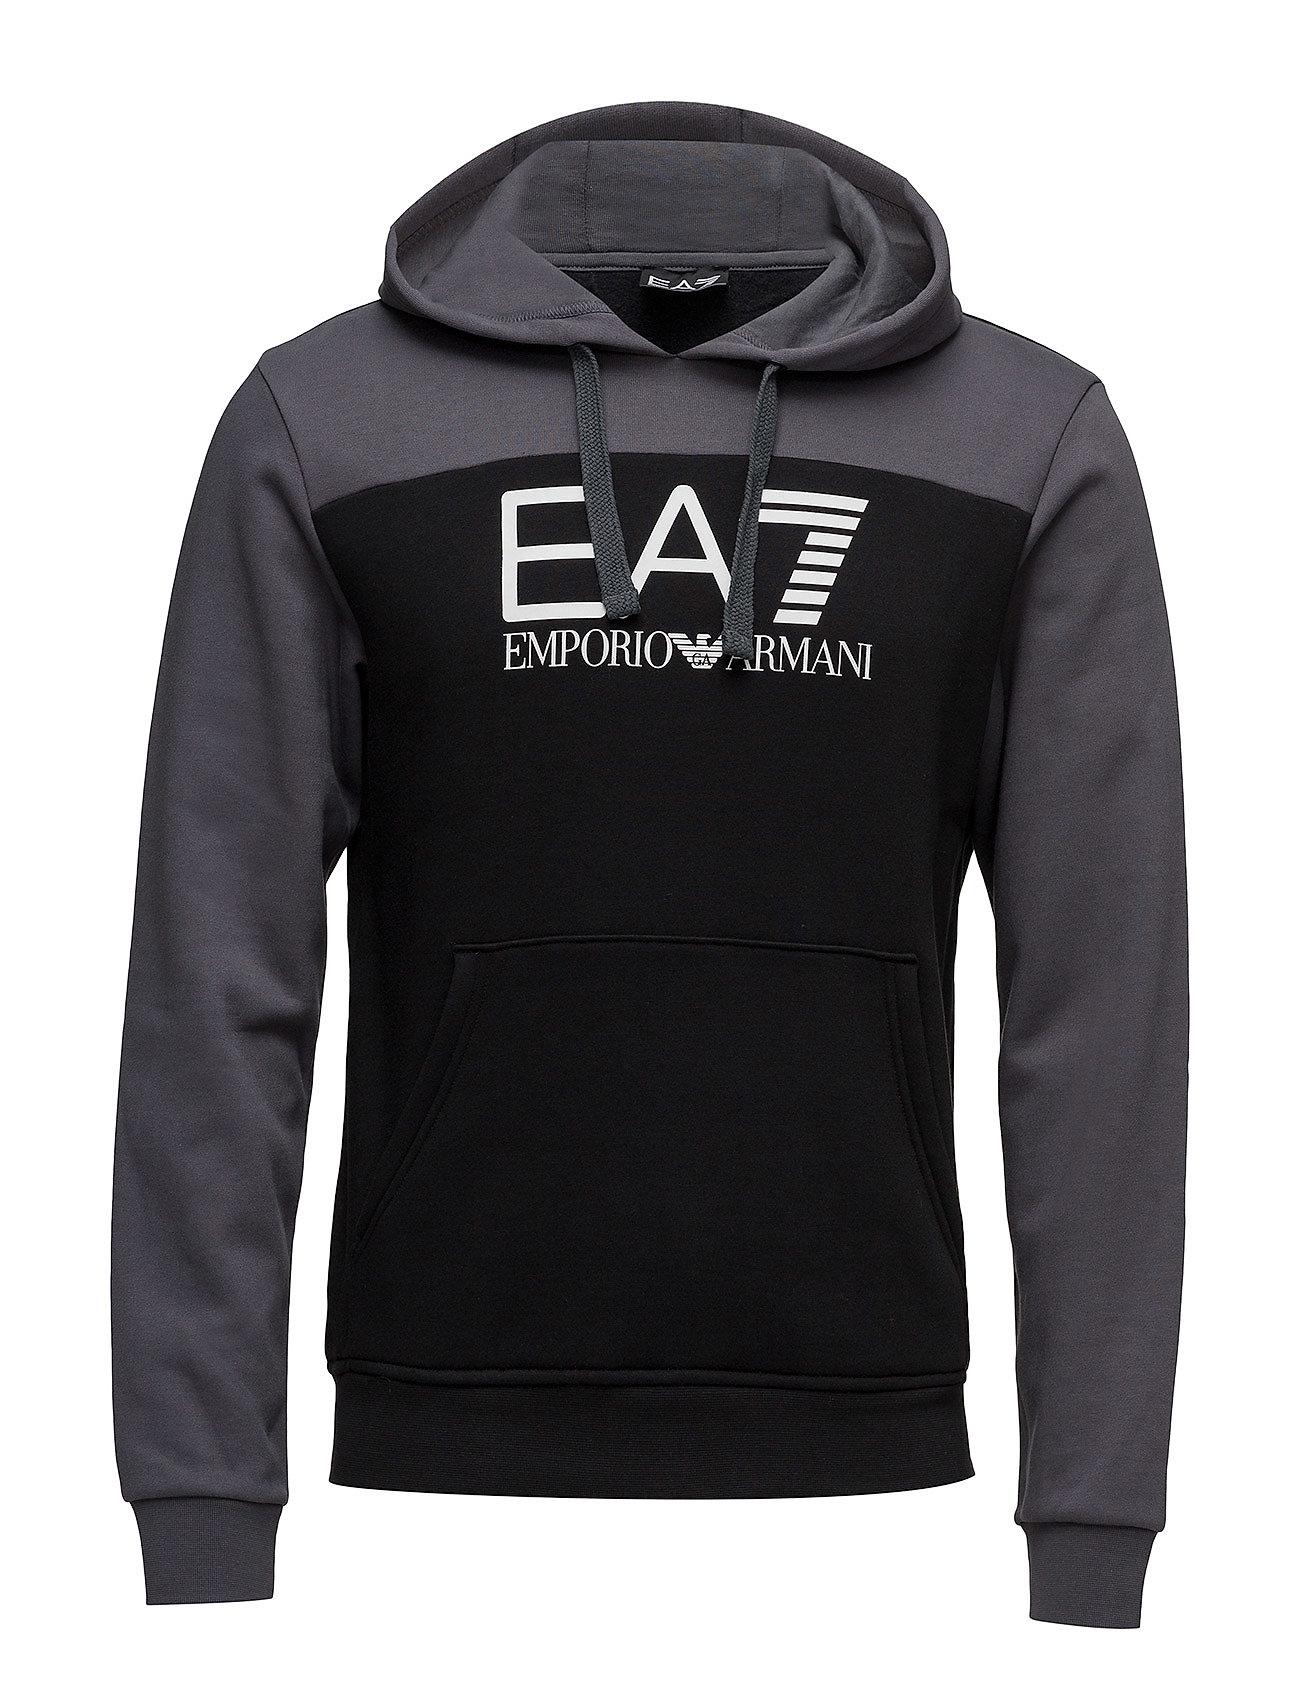 ea7 – Felpa på boozt.com dk